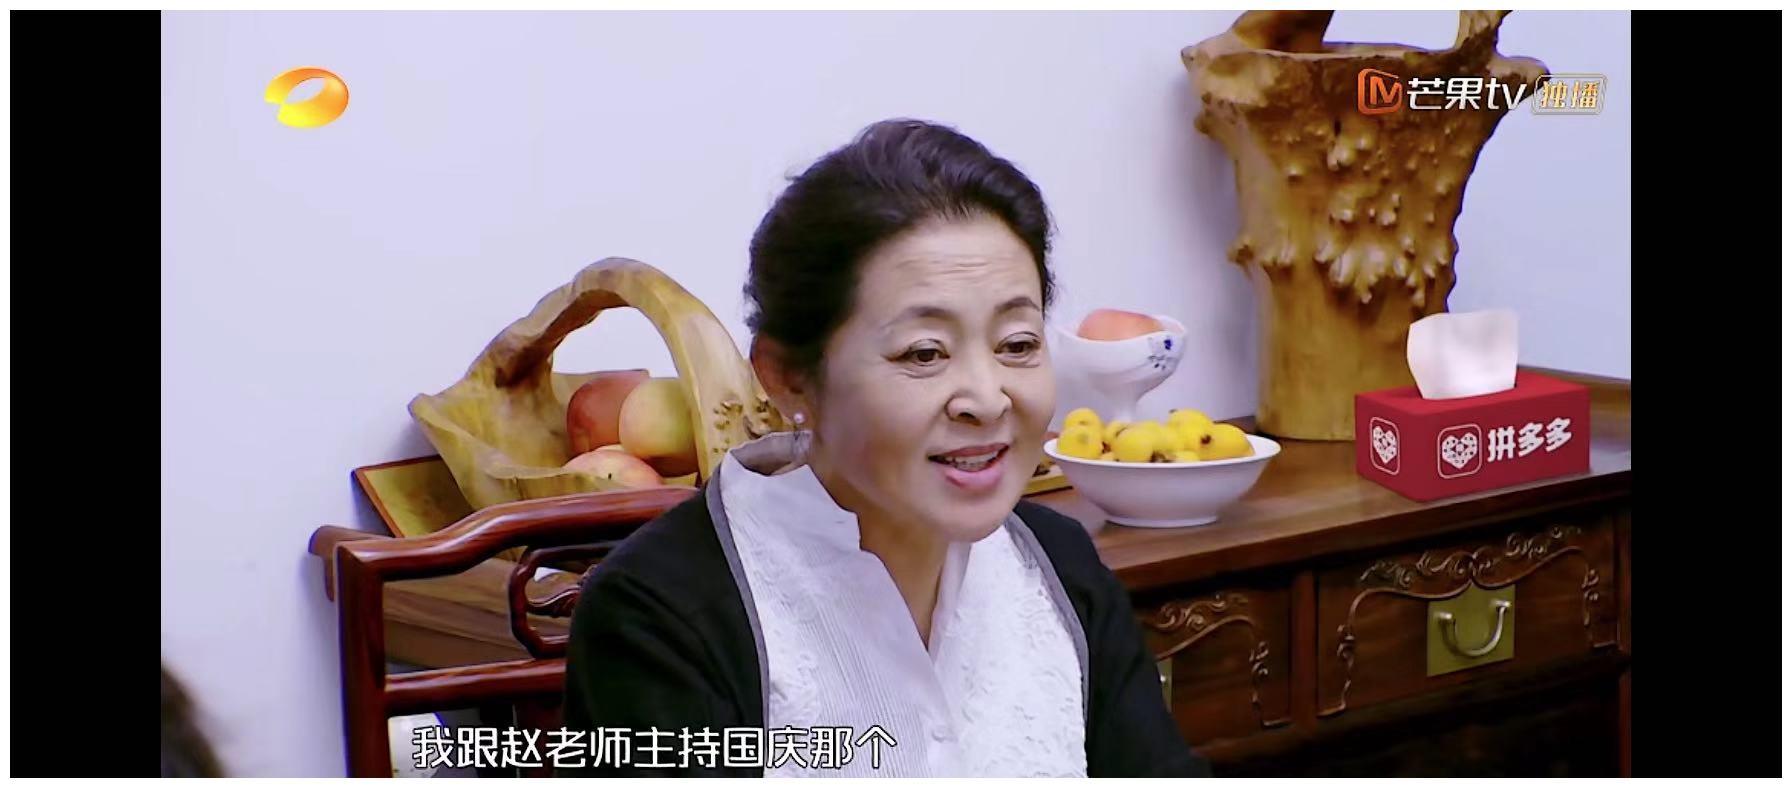 赵忠祥最后录制的《我们的师父》发文悼念,刘宇宁董思成转发怀念